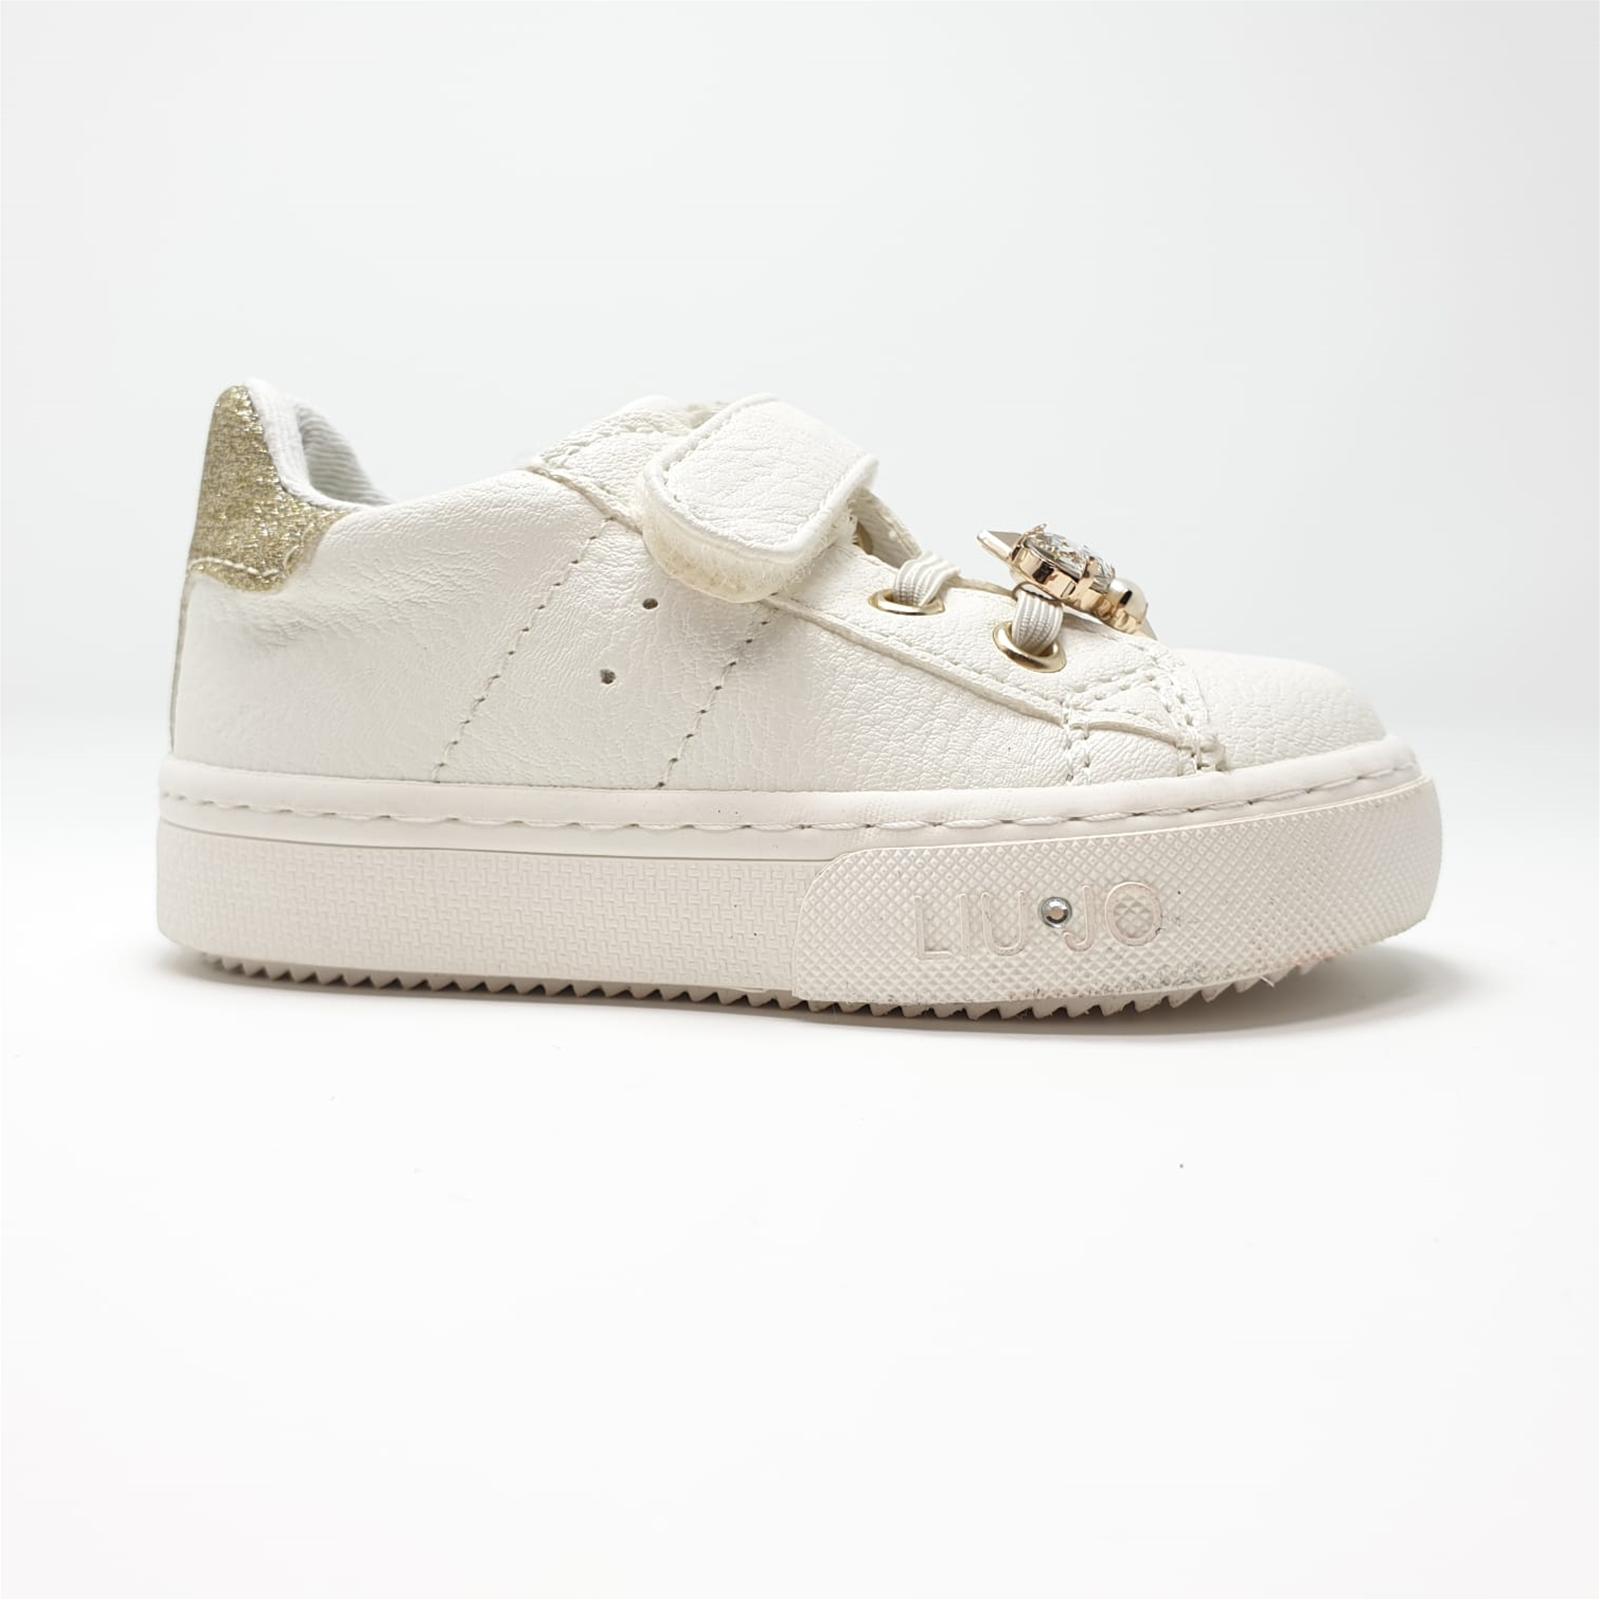 separation shoes 5bc4f d80c9 Dettagli su Scarpe sneaker Liu Jo bambina 20222 colore bianco latte/platino  listino € 79,50